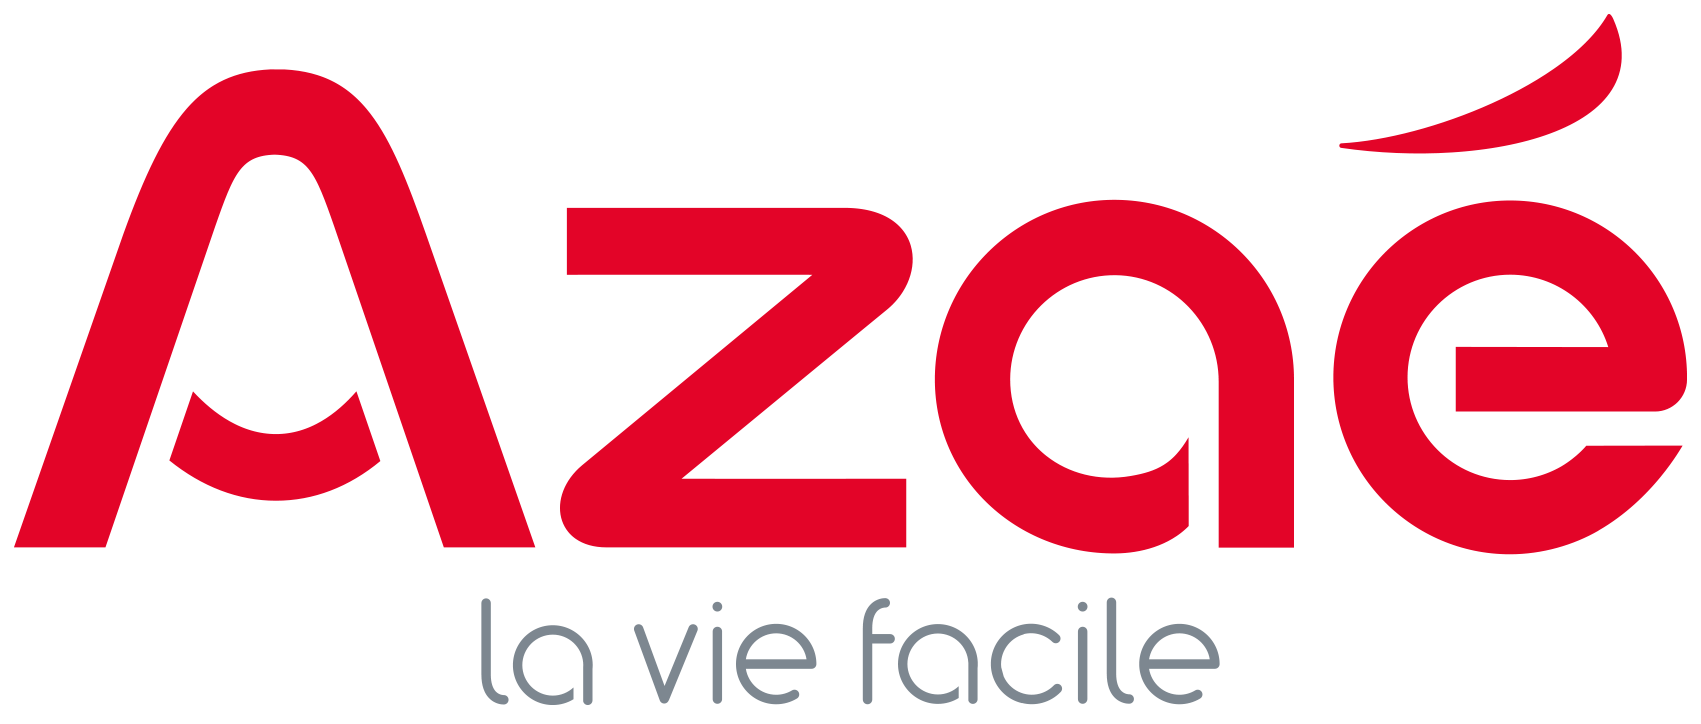 Azaé La Rochelle - Aide à domicile et femme de ménage services, aide à domicile